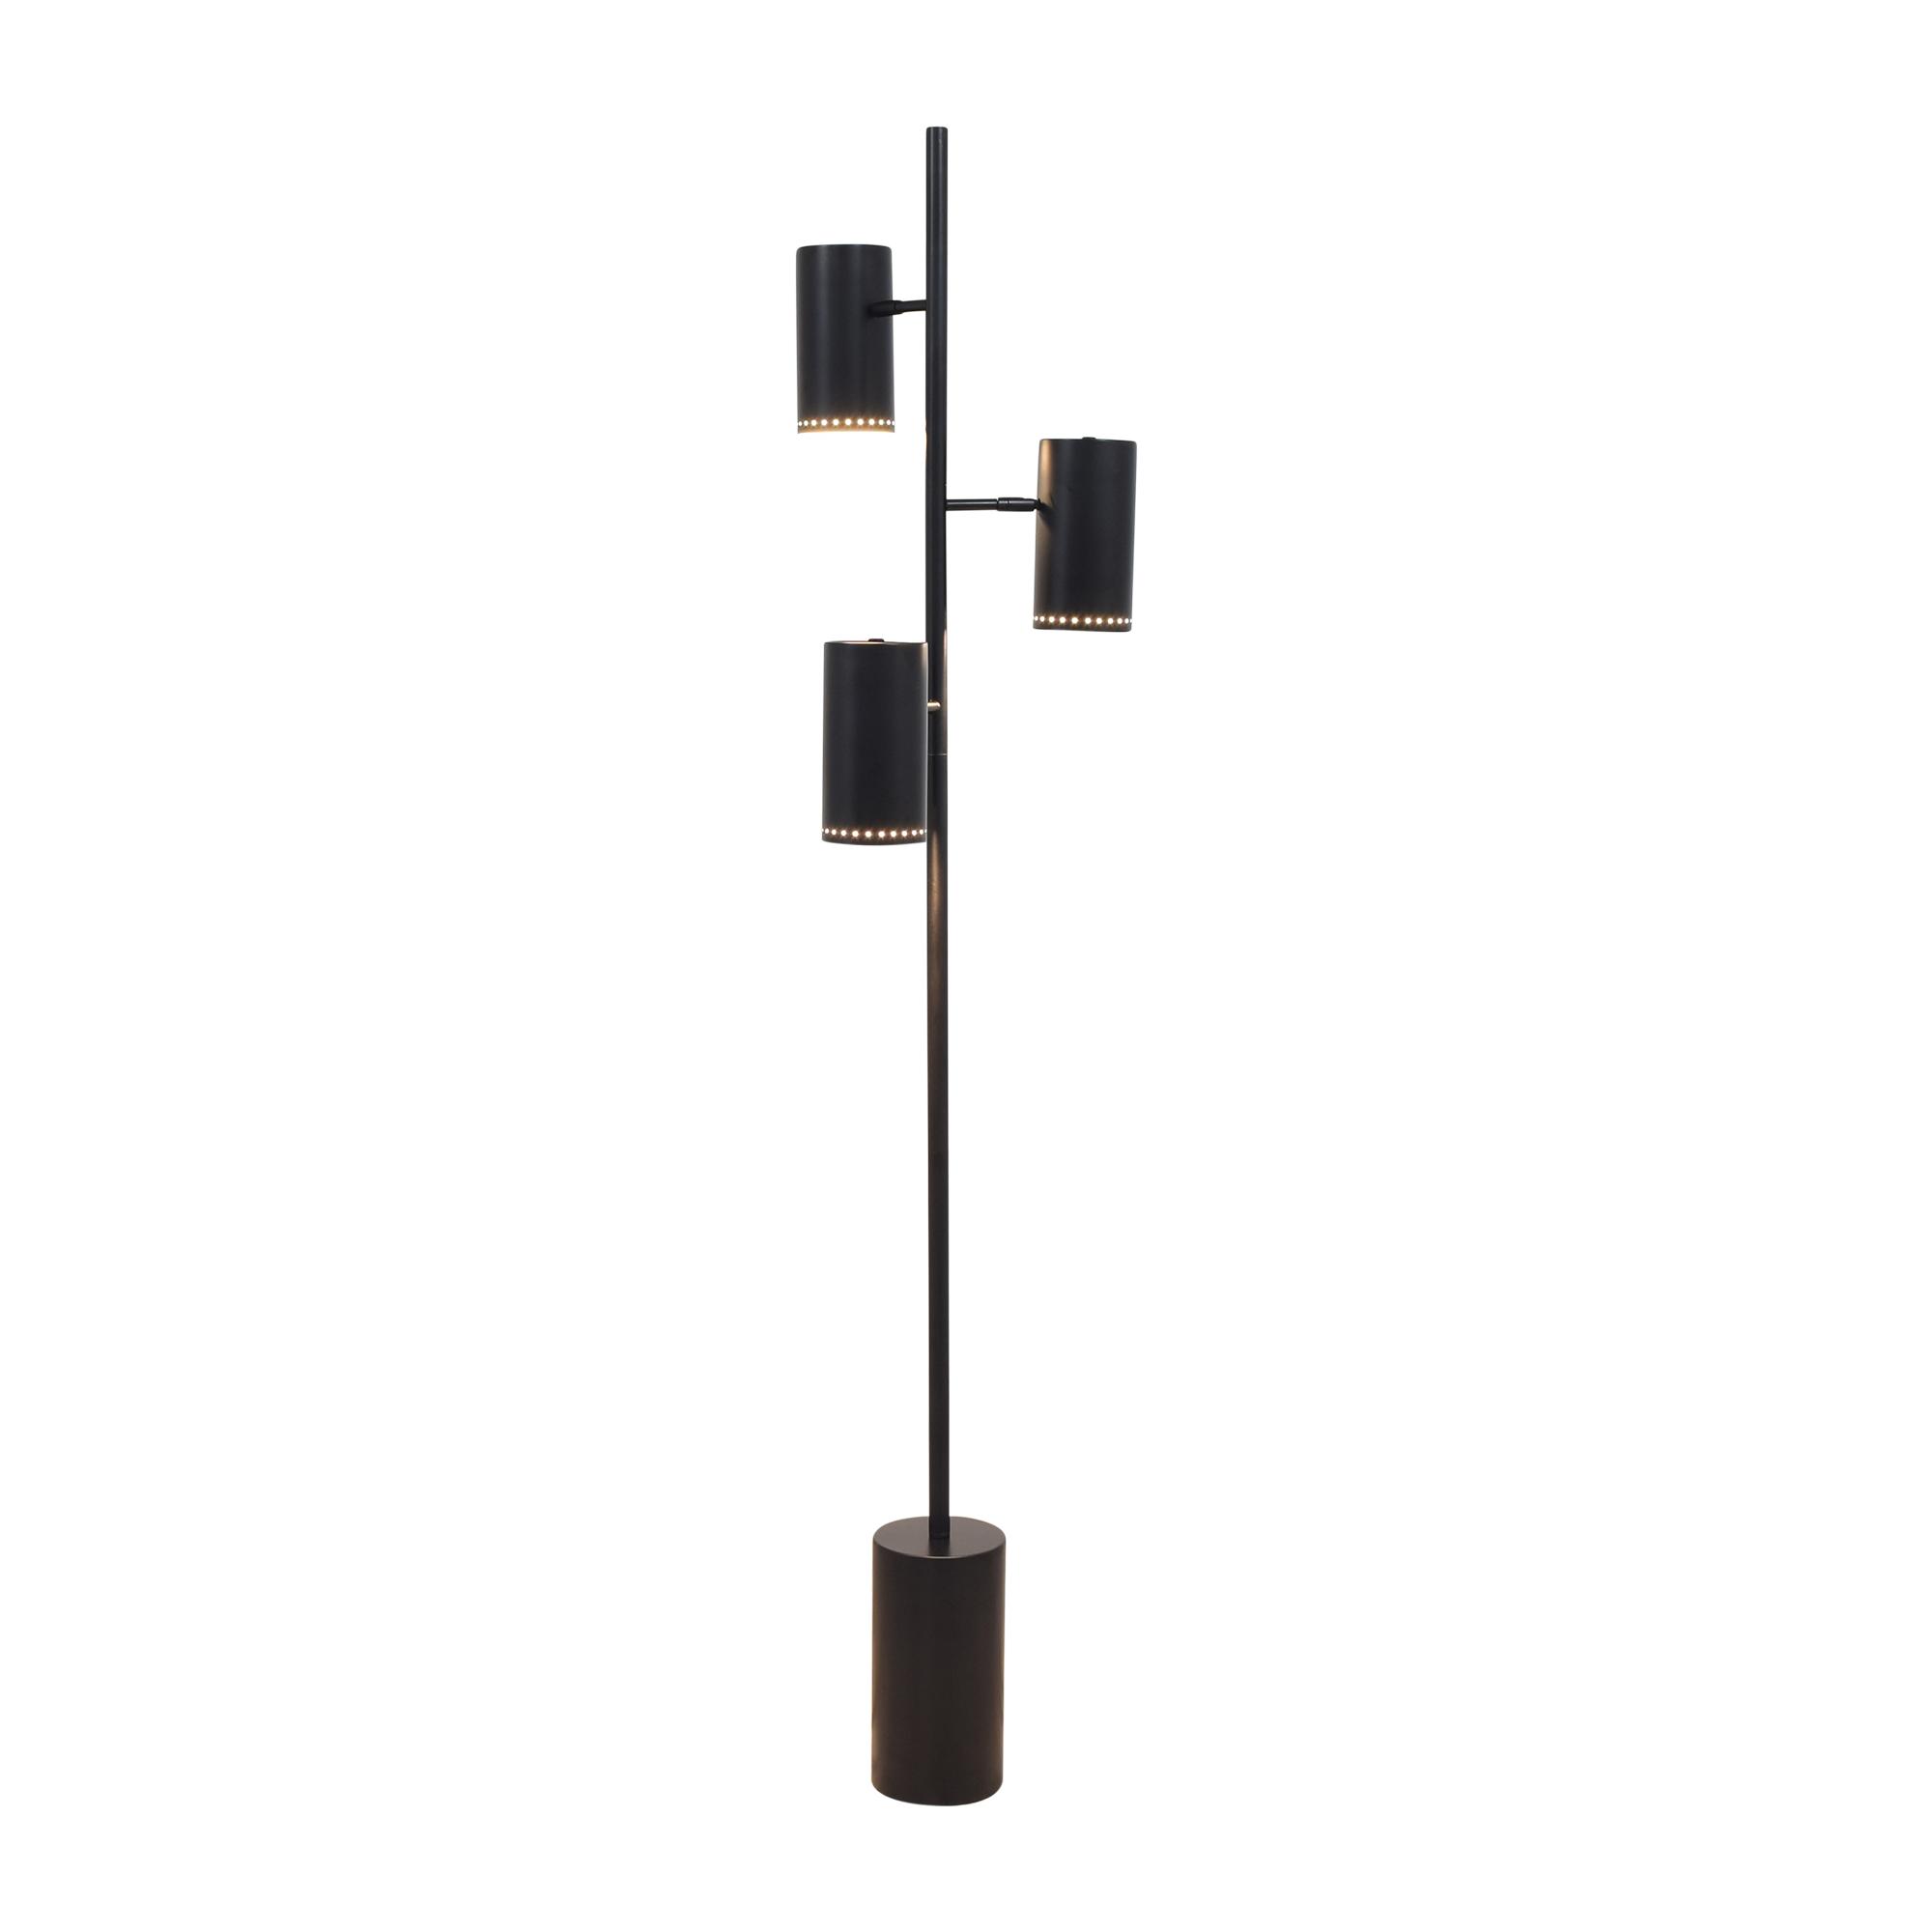 CB2 CB2 Trio Floor Lamp dimensions